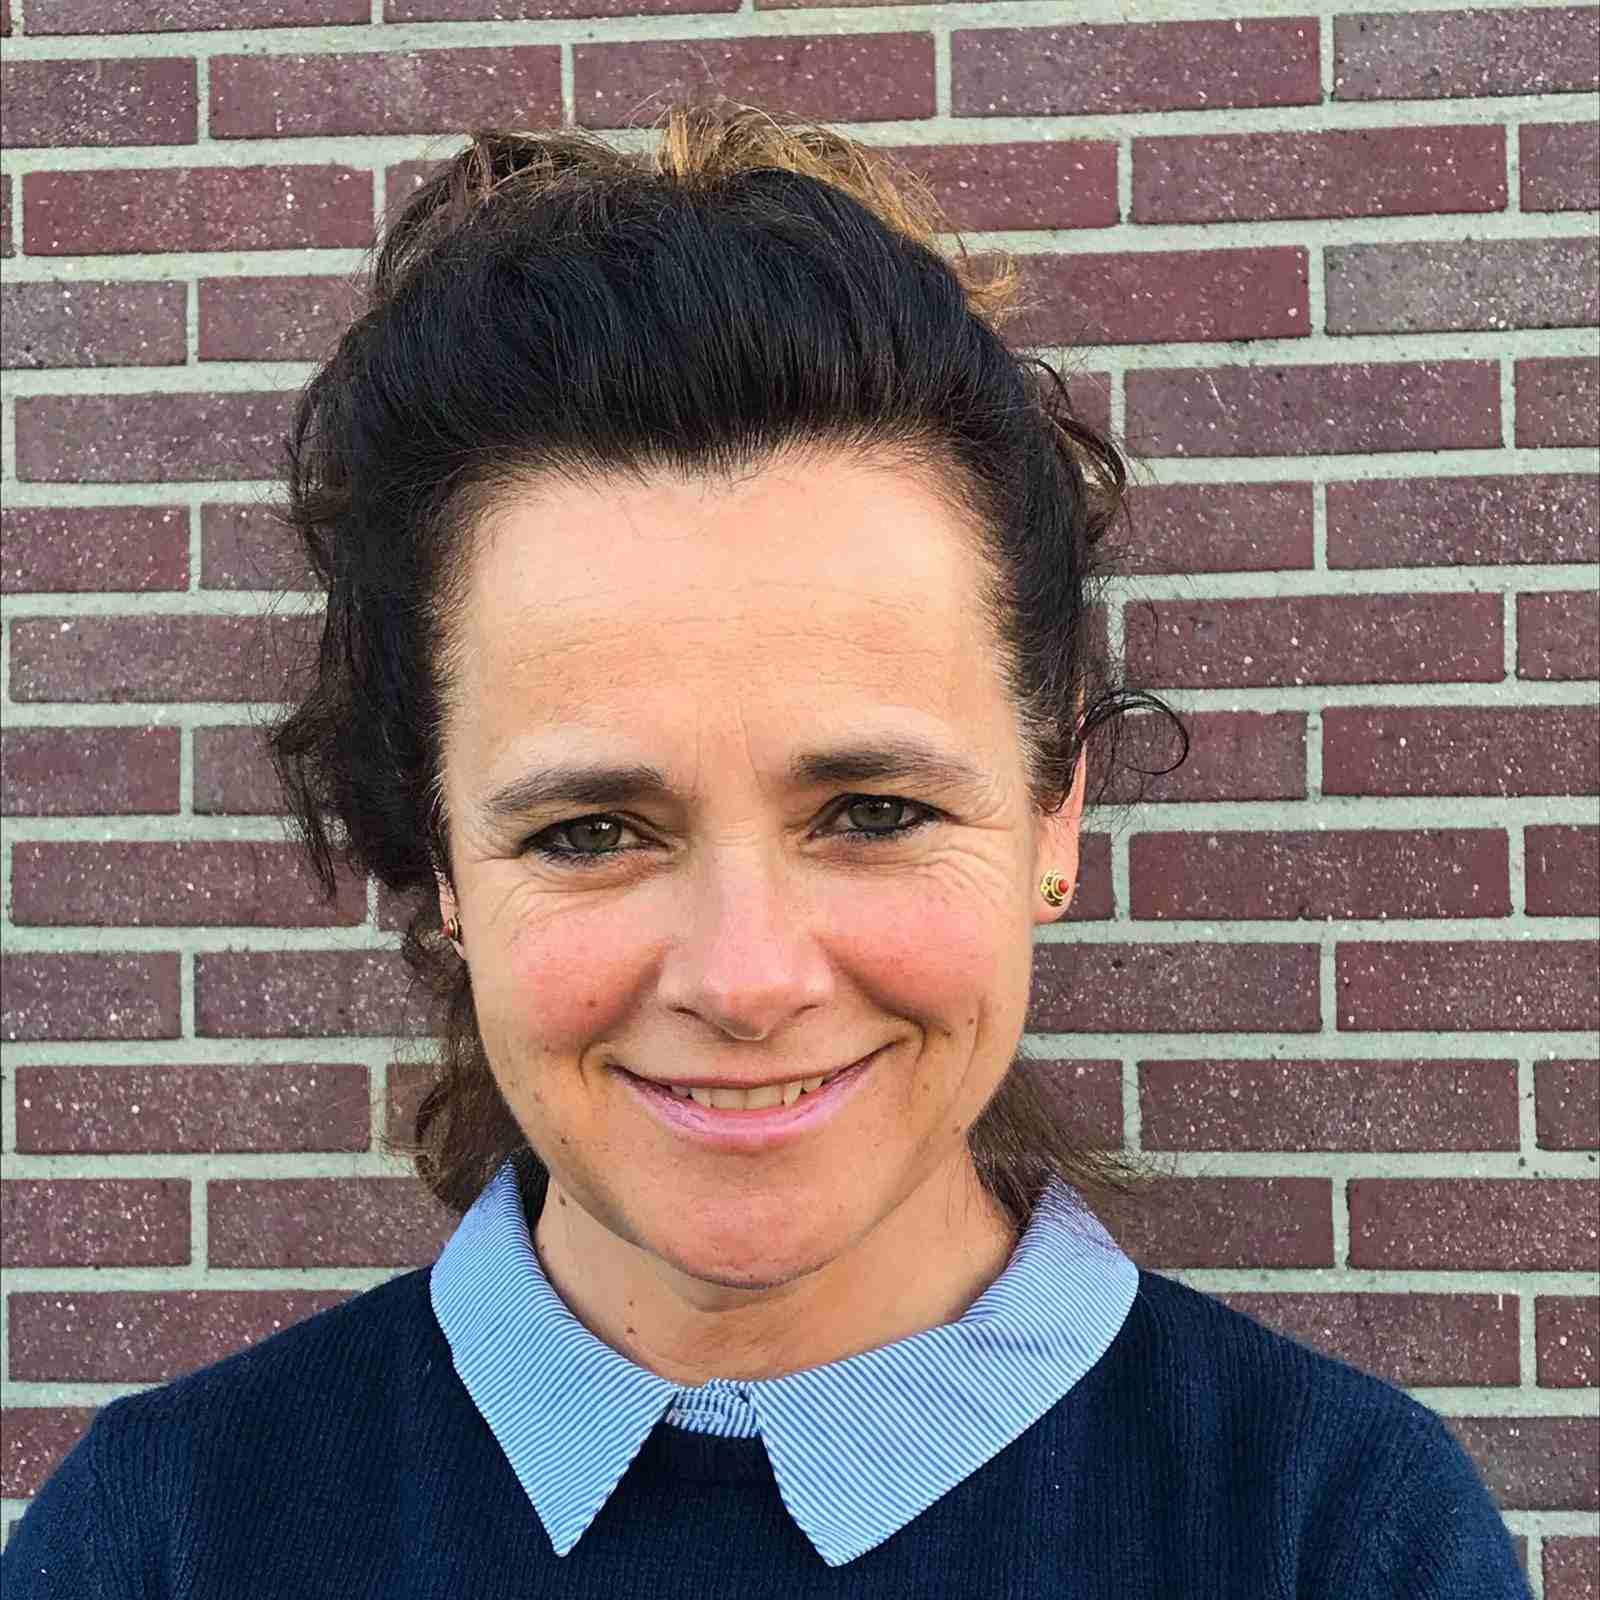 Marian Hogenhout